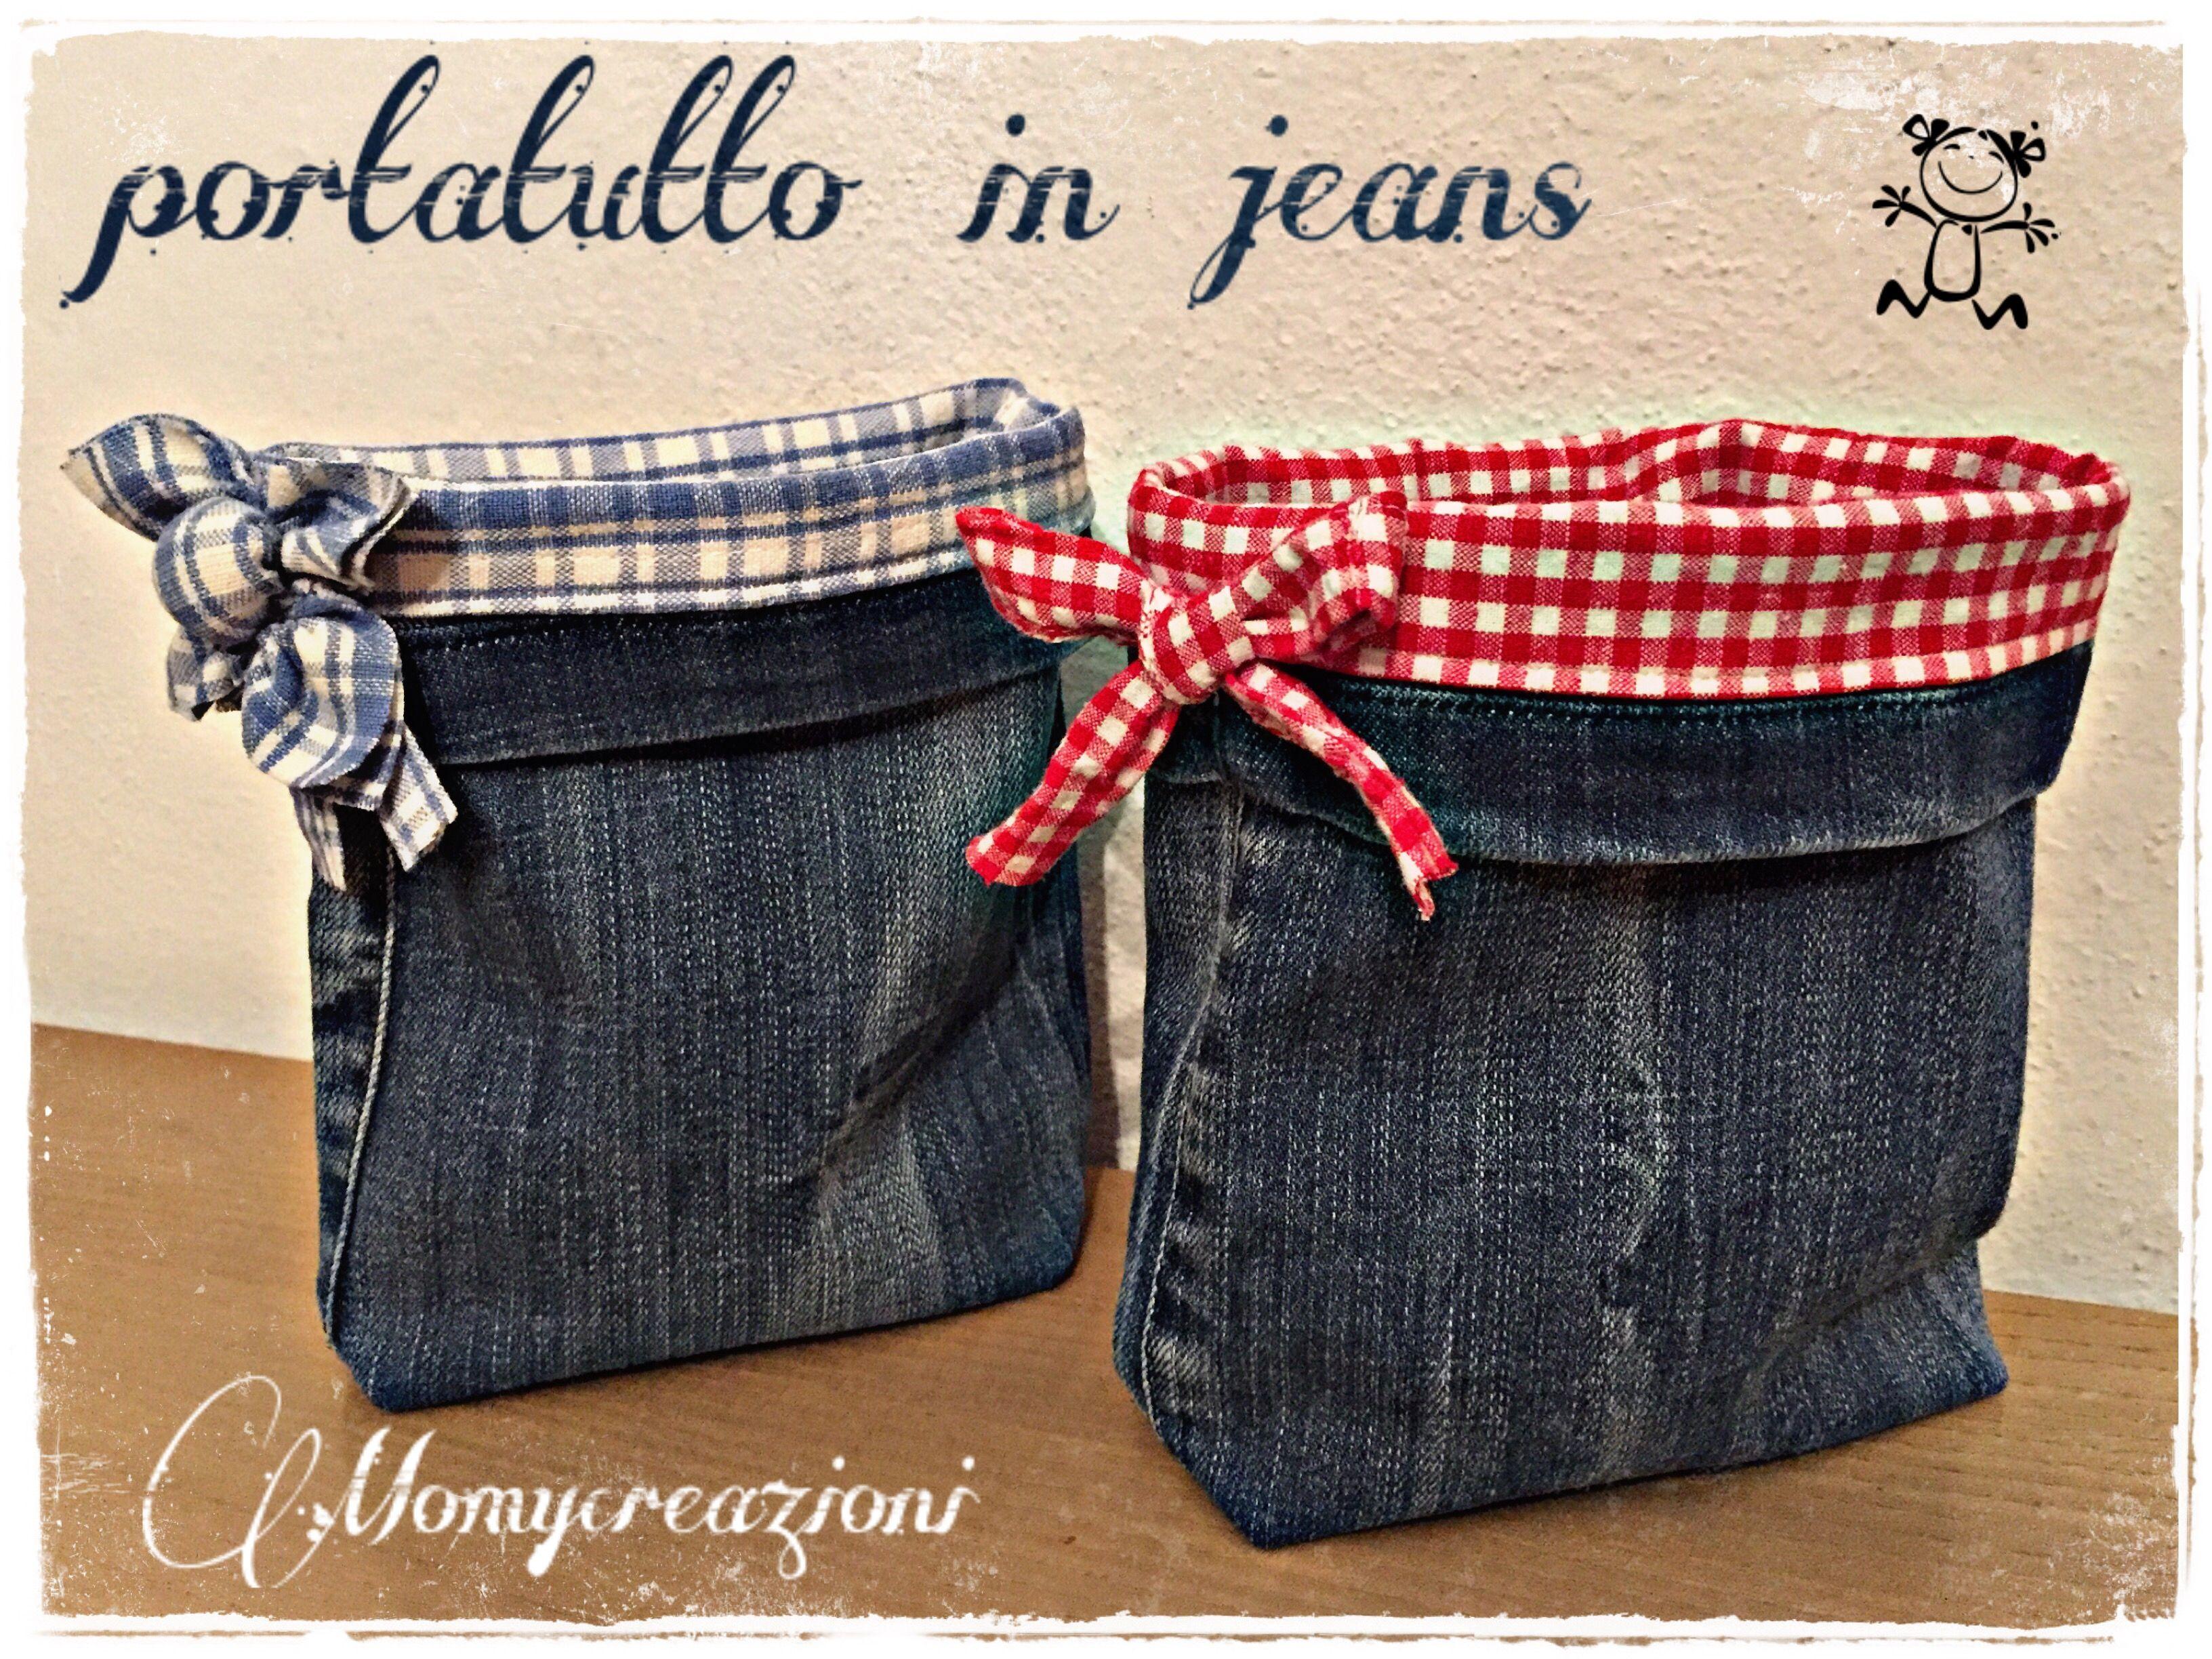 Cestini jeans cucito creativo 1 cucito artigianato natalizio cucito fai da te - Cucito creativo bagno ...